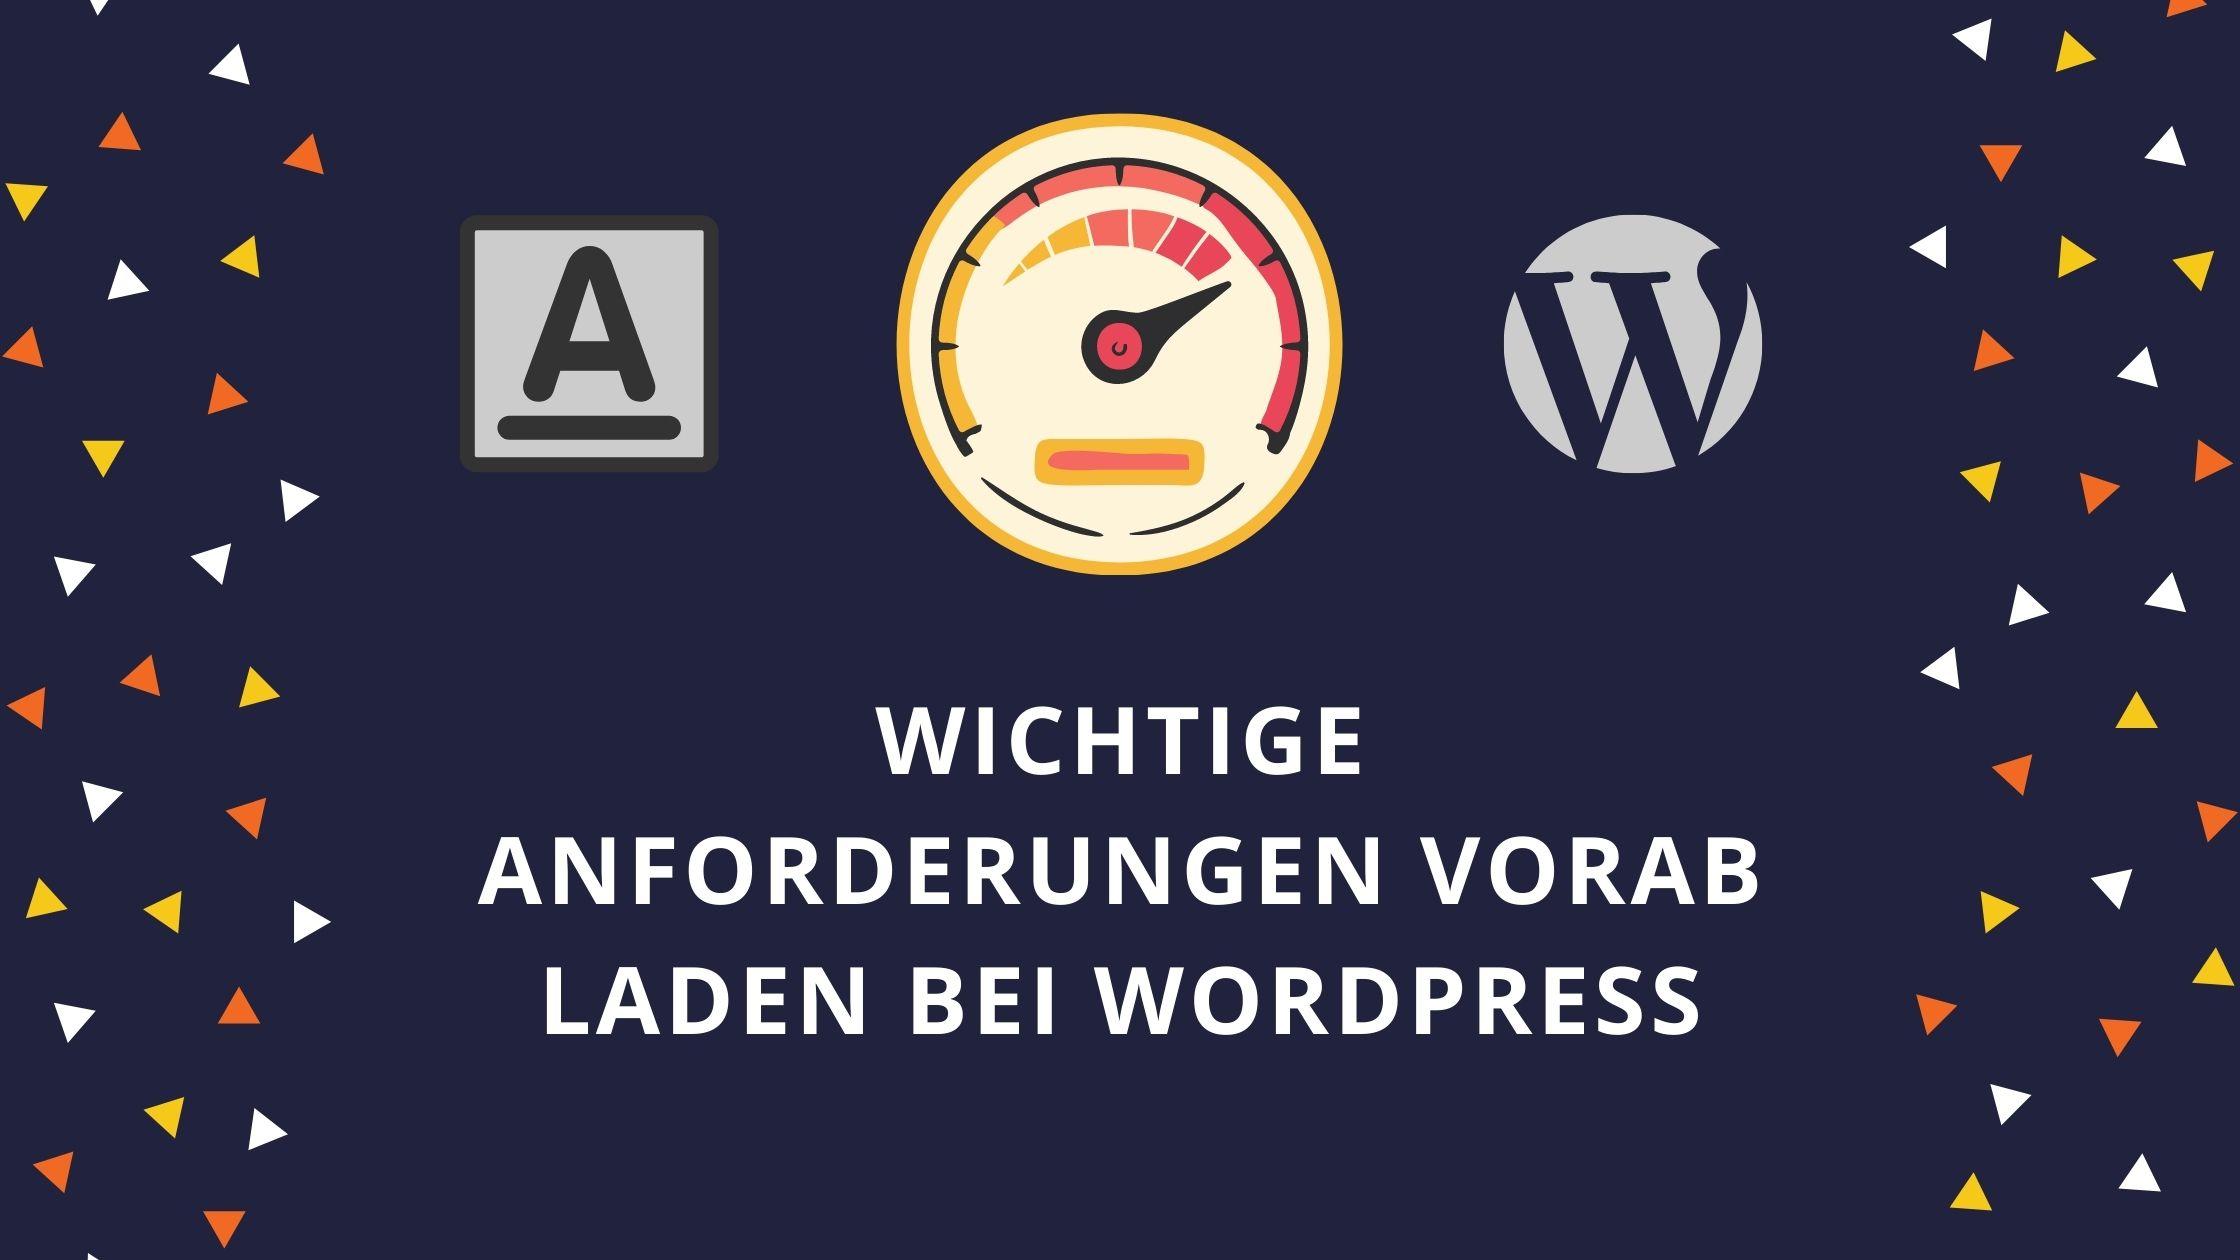 Wichtige Anforderungen vorab laden bei WordPress